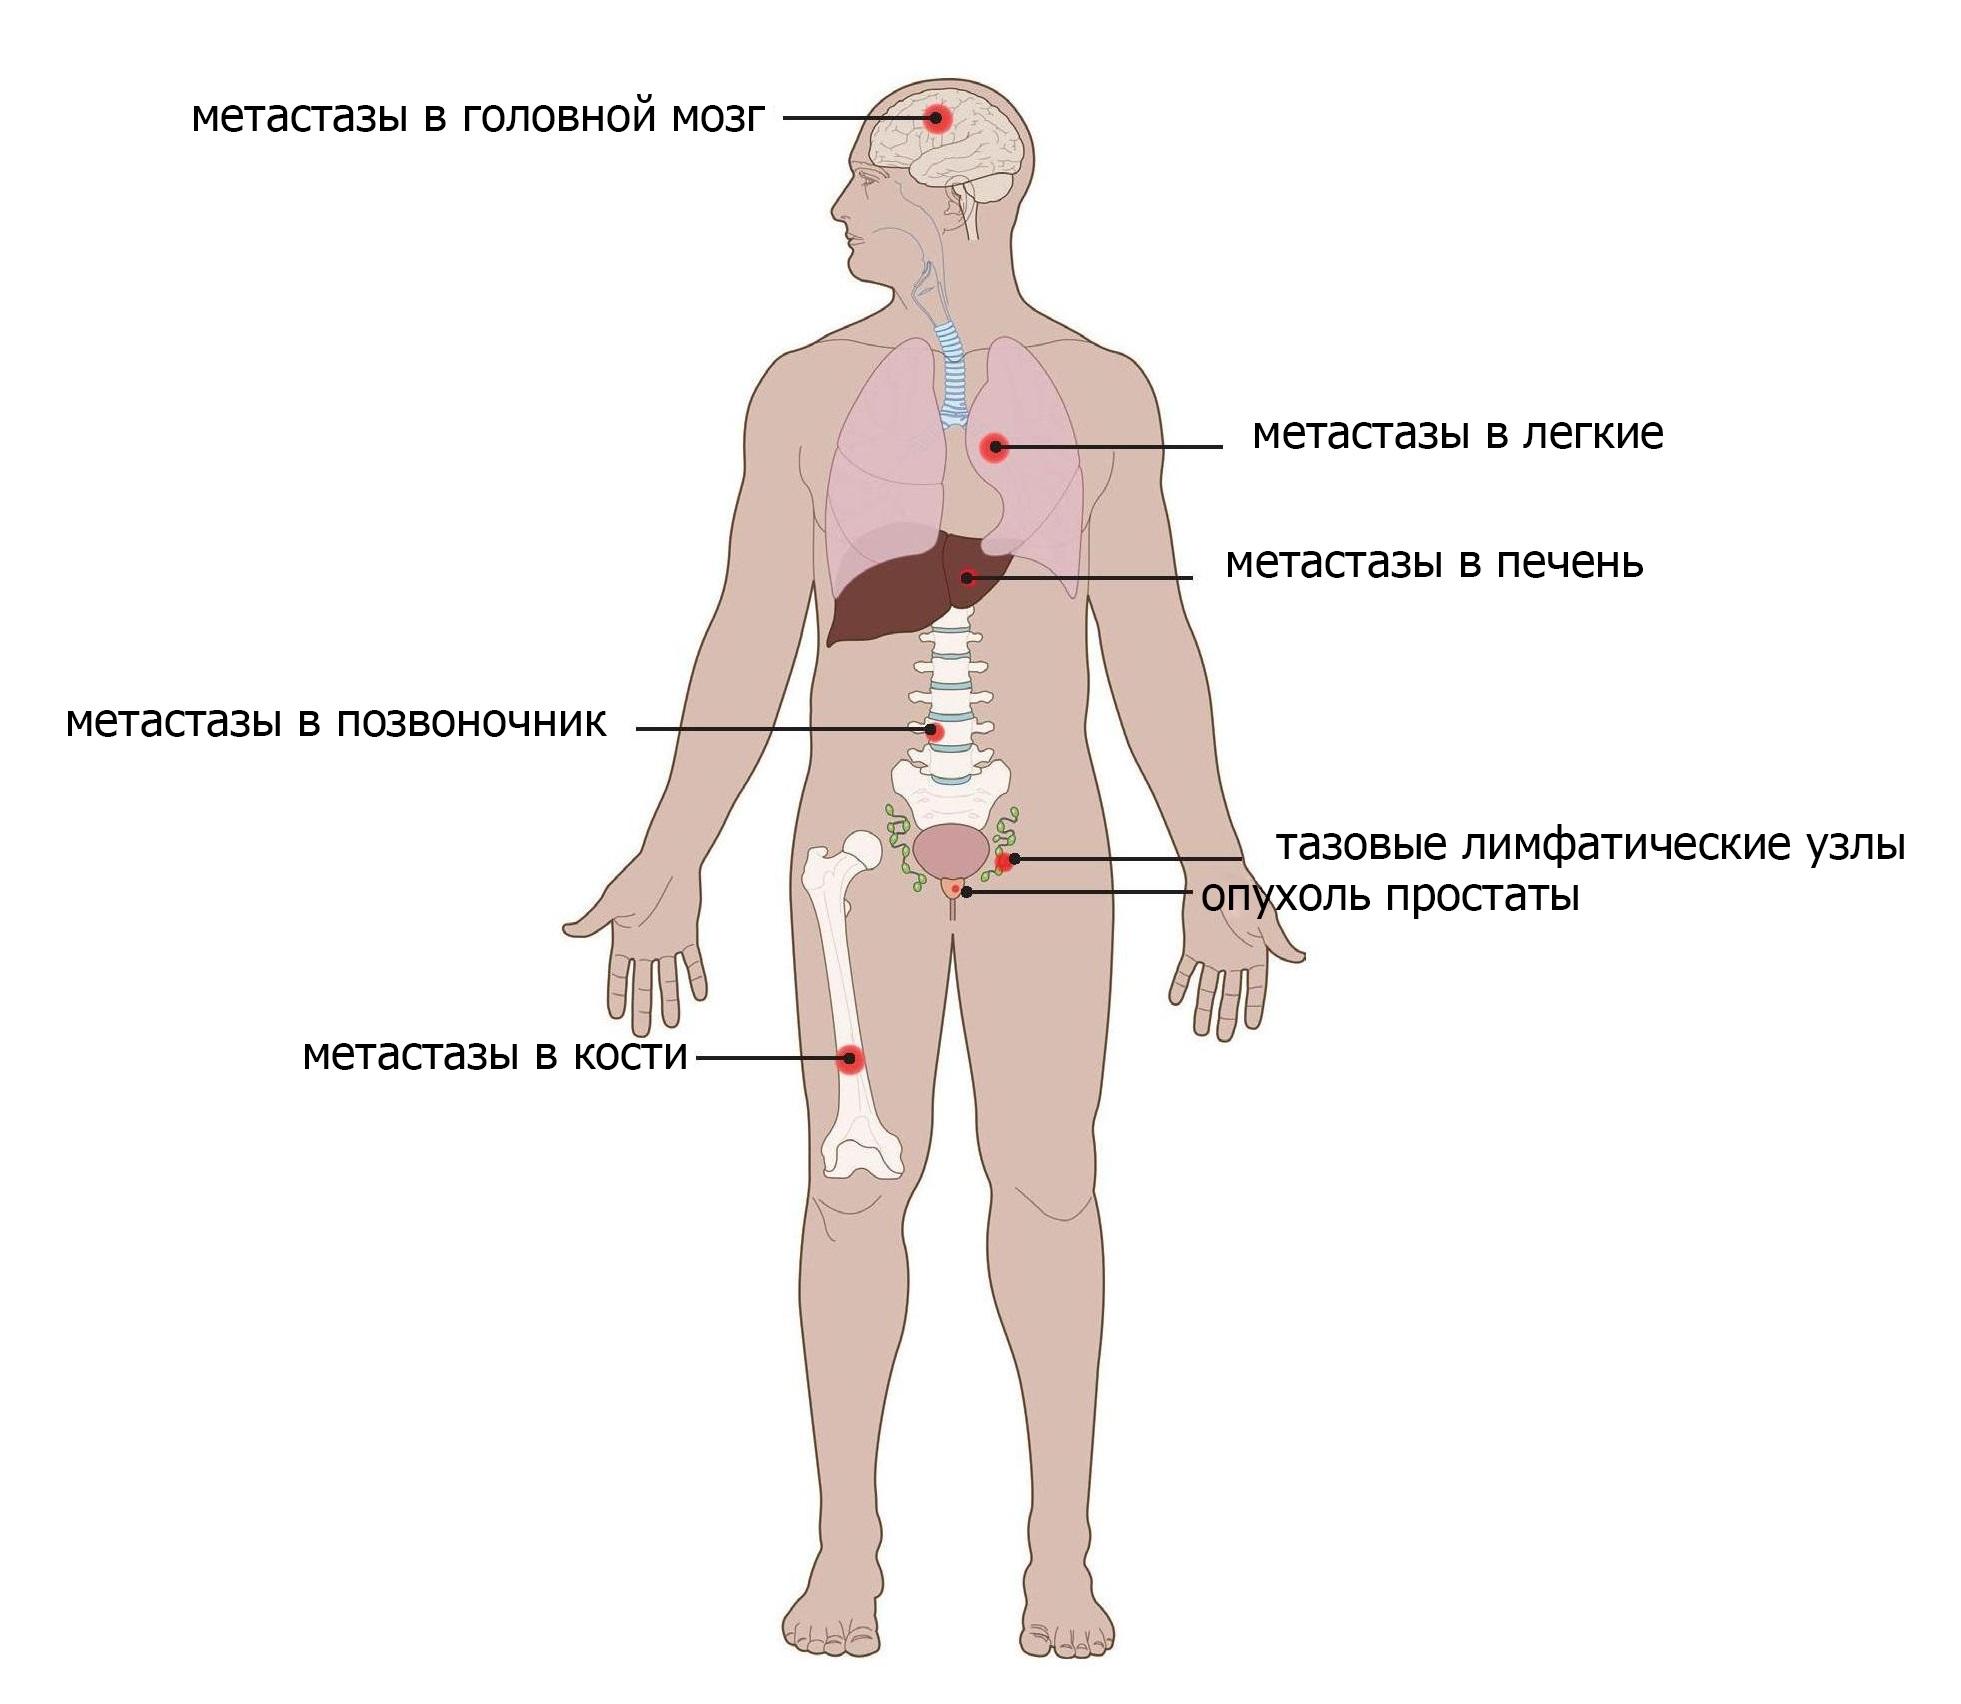 Биохимический рецидив после удаления простаты: причины, симптомы, лечение, профилактика